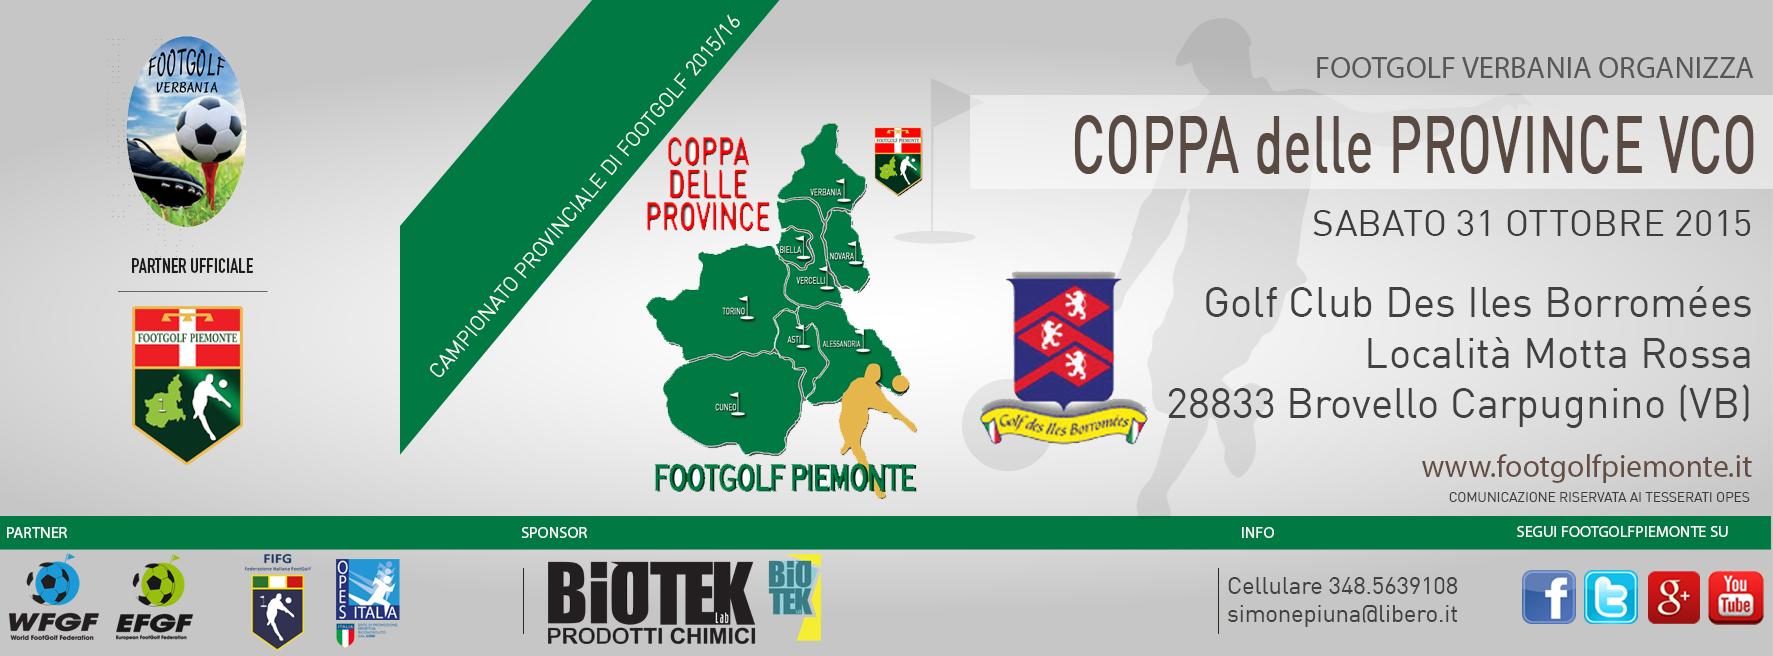 Locandina Coppa delle Province VCO Footgolf Piemonte 2016 carpugnino sabato 31 ottobre 2015